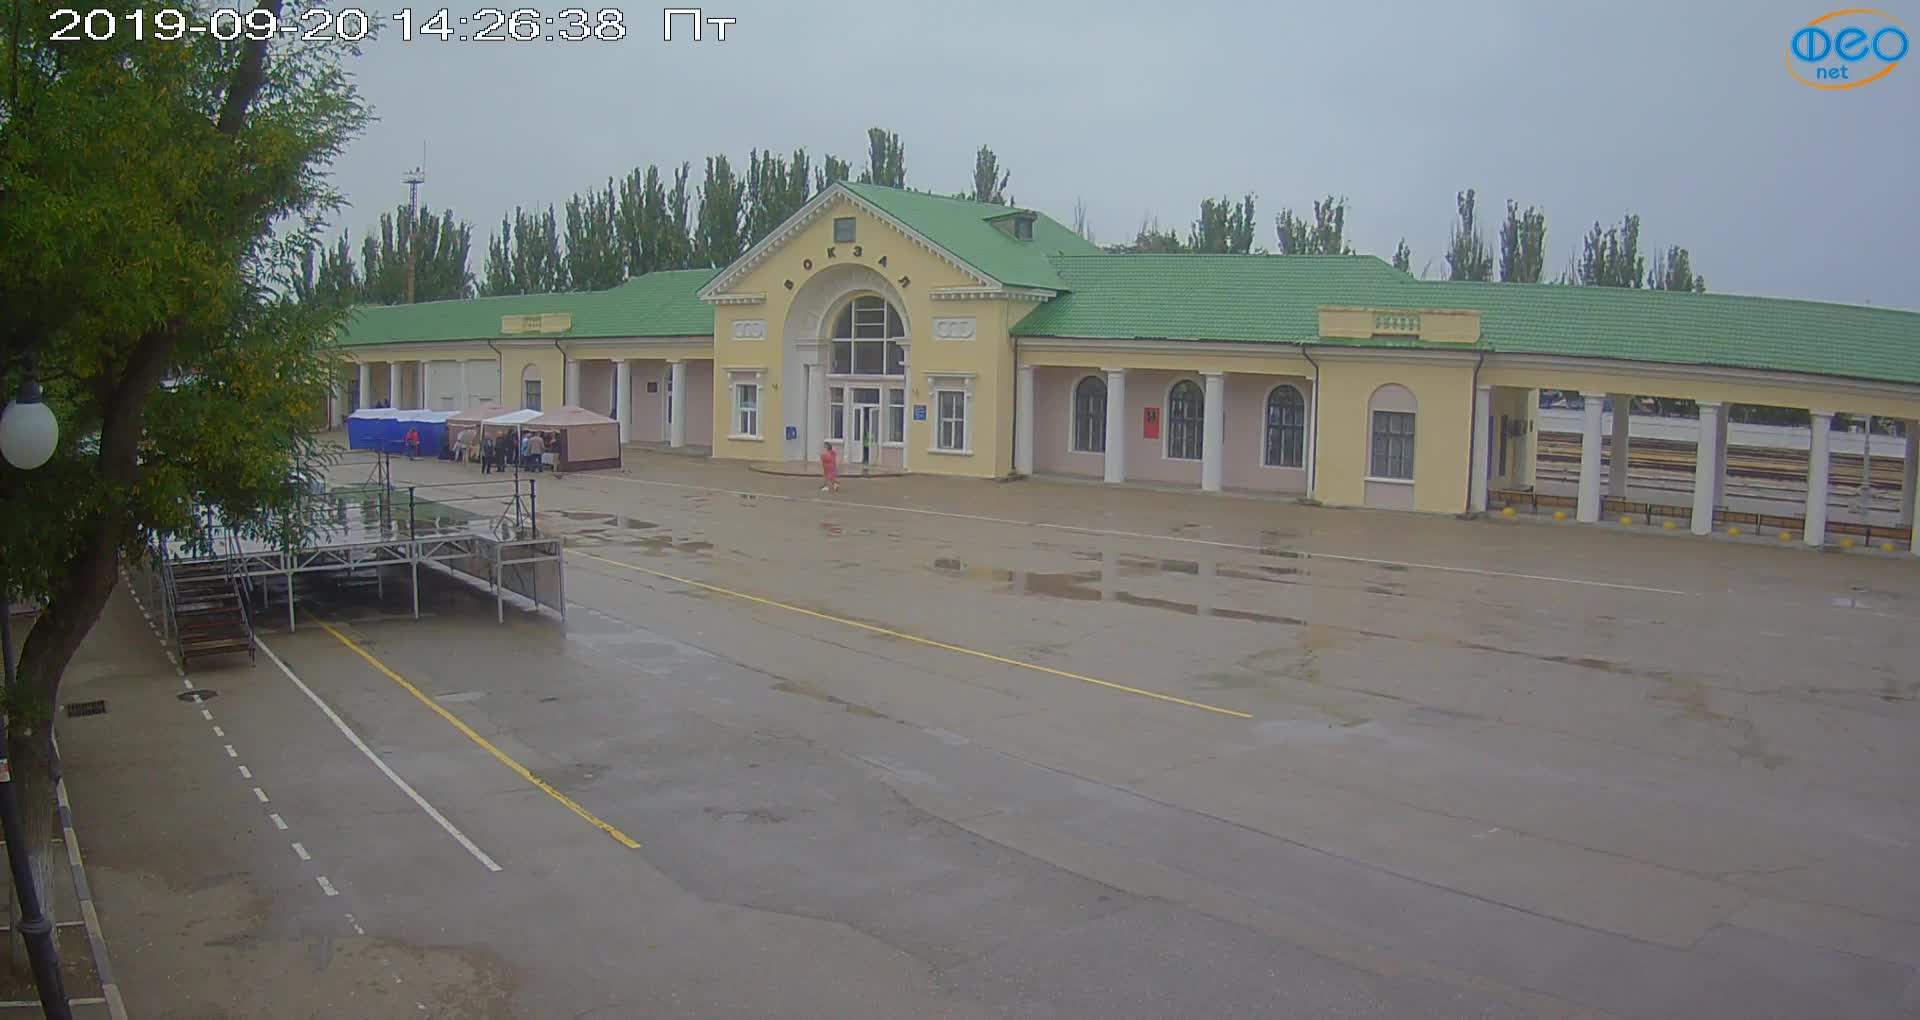 Веб-камеры Феодосии, Привокзальная площадь, 2019-09-20 14:43:09